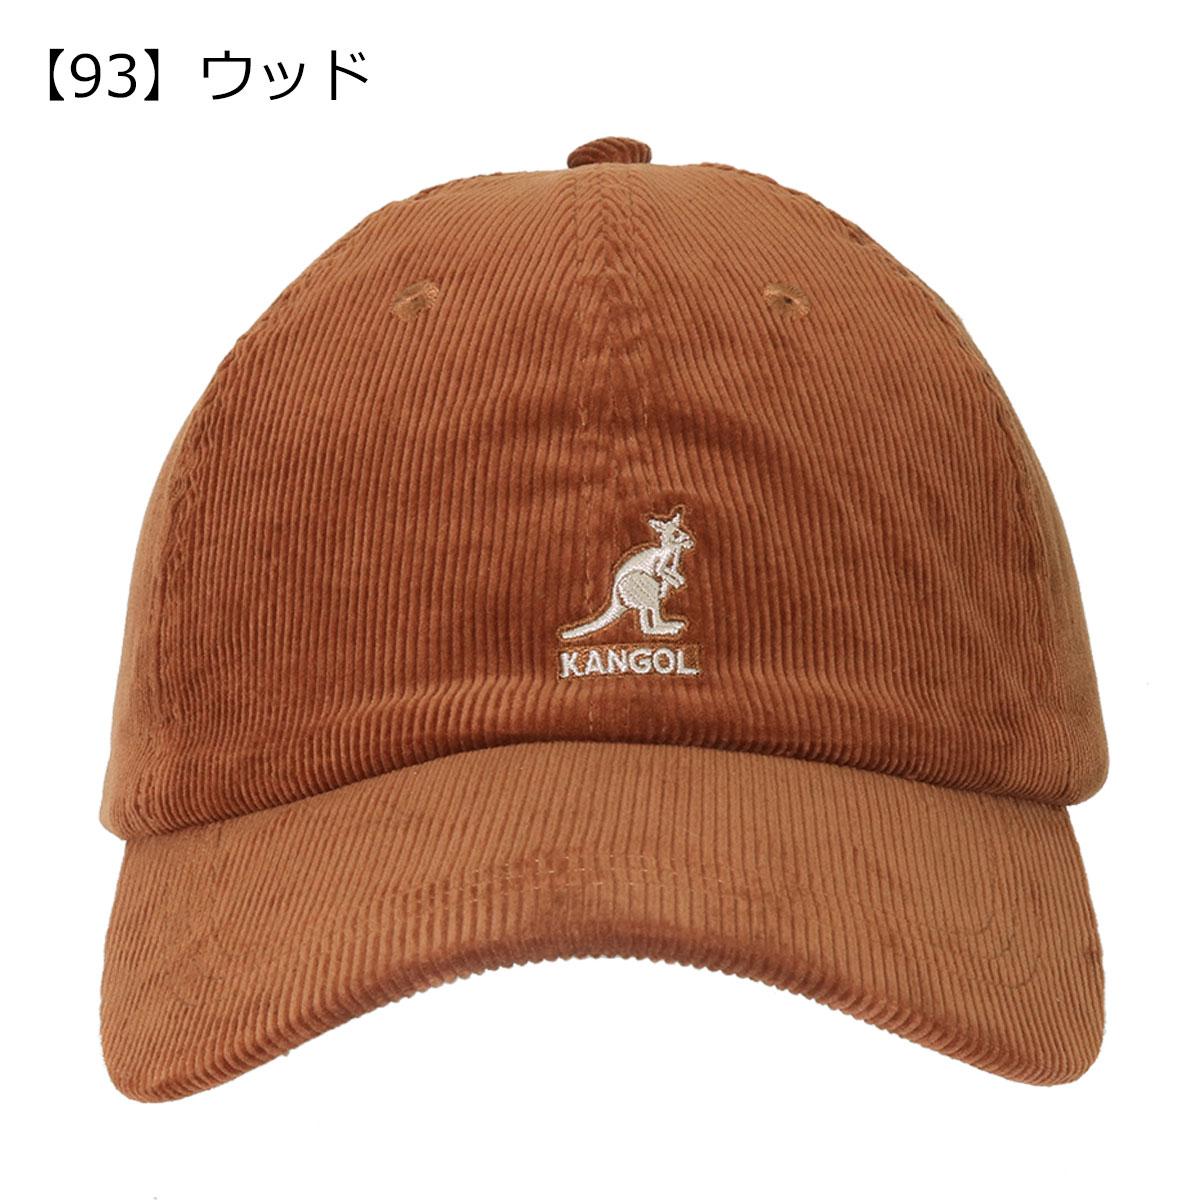 【93】ウッド